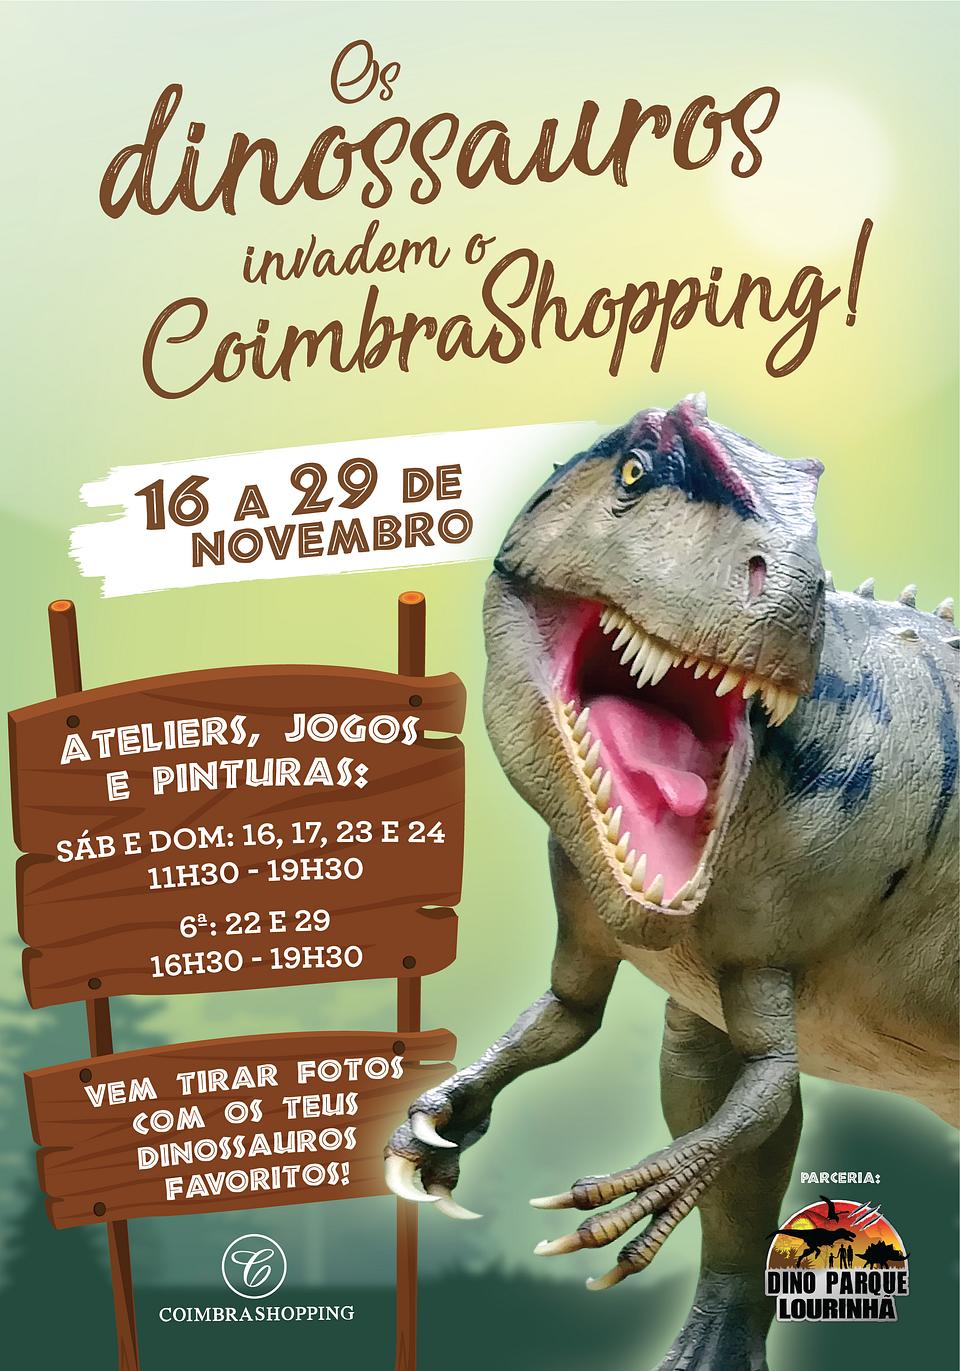 CoimbraShopping Dino Parque.png